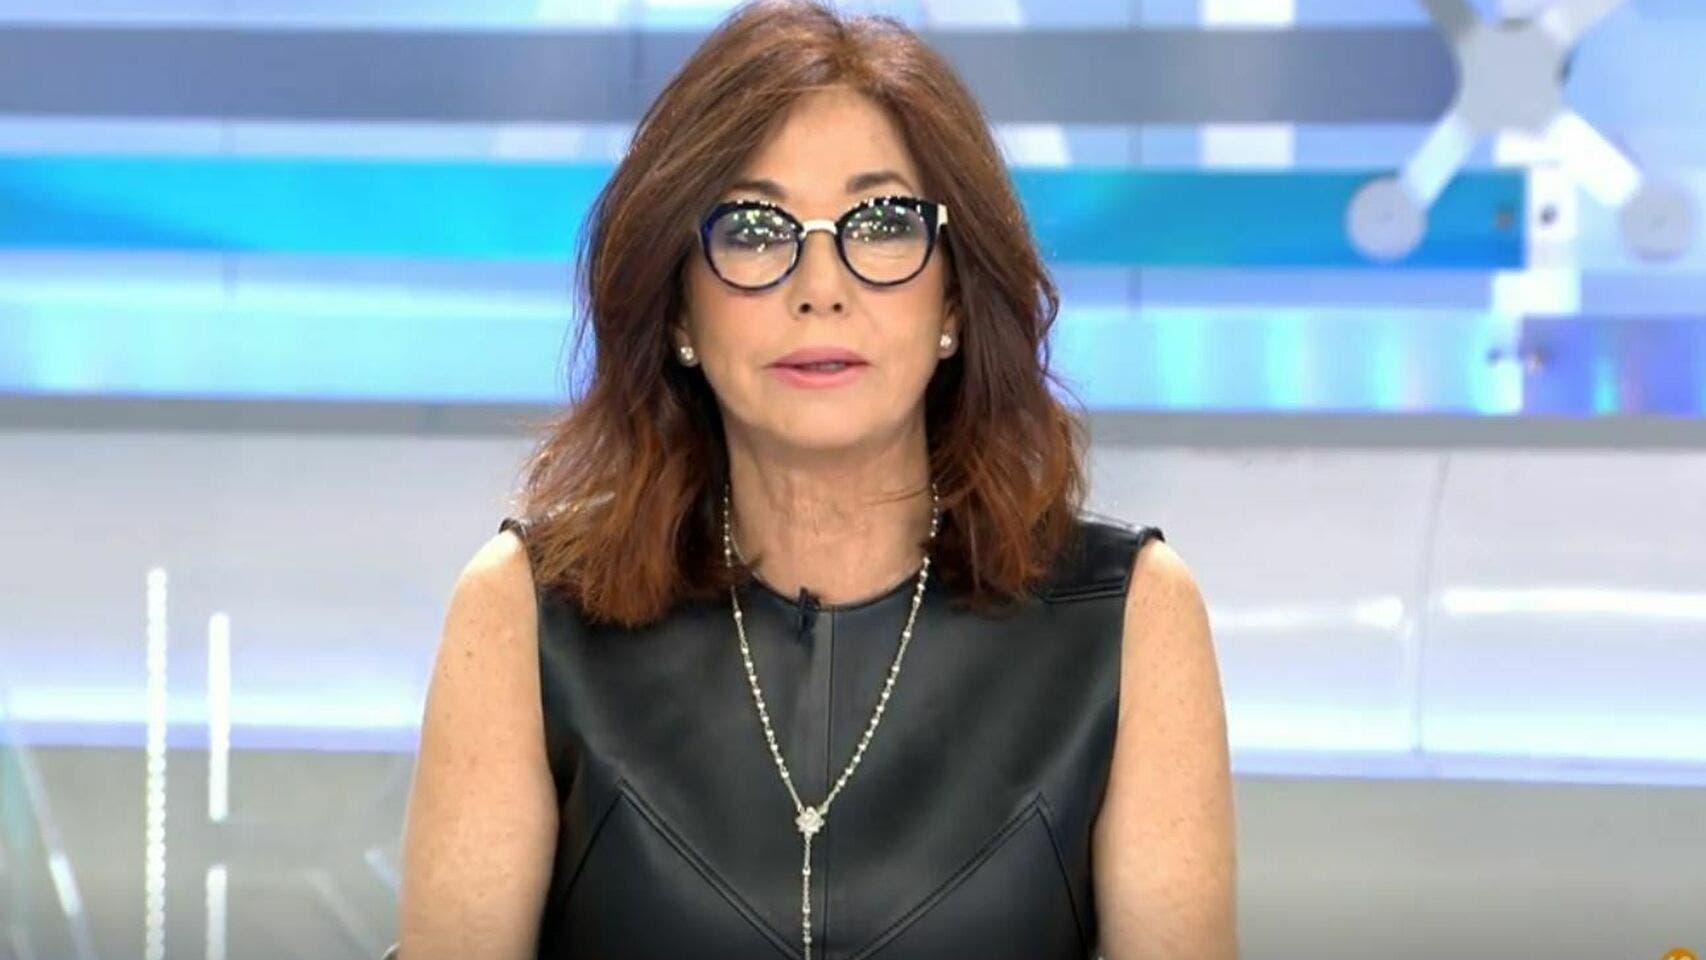 El Modelito De Cuero De Ana Rosa Quintana Que Revoluciona Telecinco